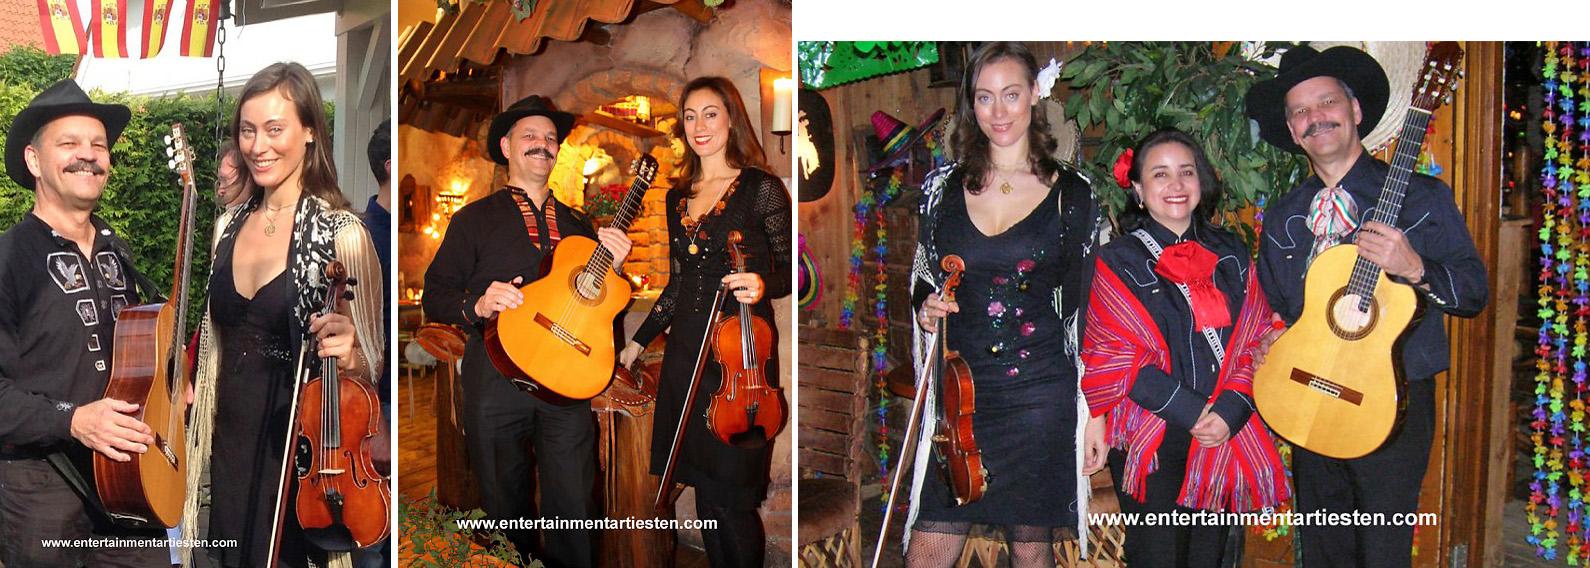 Corazon, een vurige Spaanse rumba's, swingende Cubaanse son overgoten met een salsa van passionele Mexicaanse levensliederen en een snufje gipsy jazz, geserveerd met romantische Italiaanse ballades, muzikanten boeken, muziekduo, artiesten boeken, Govers Evenementen, www.goversartiesten.nl